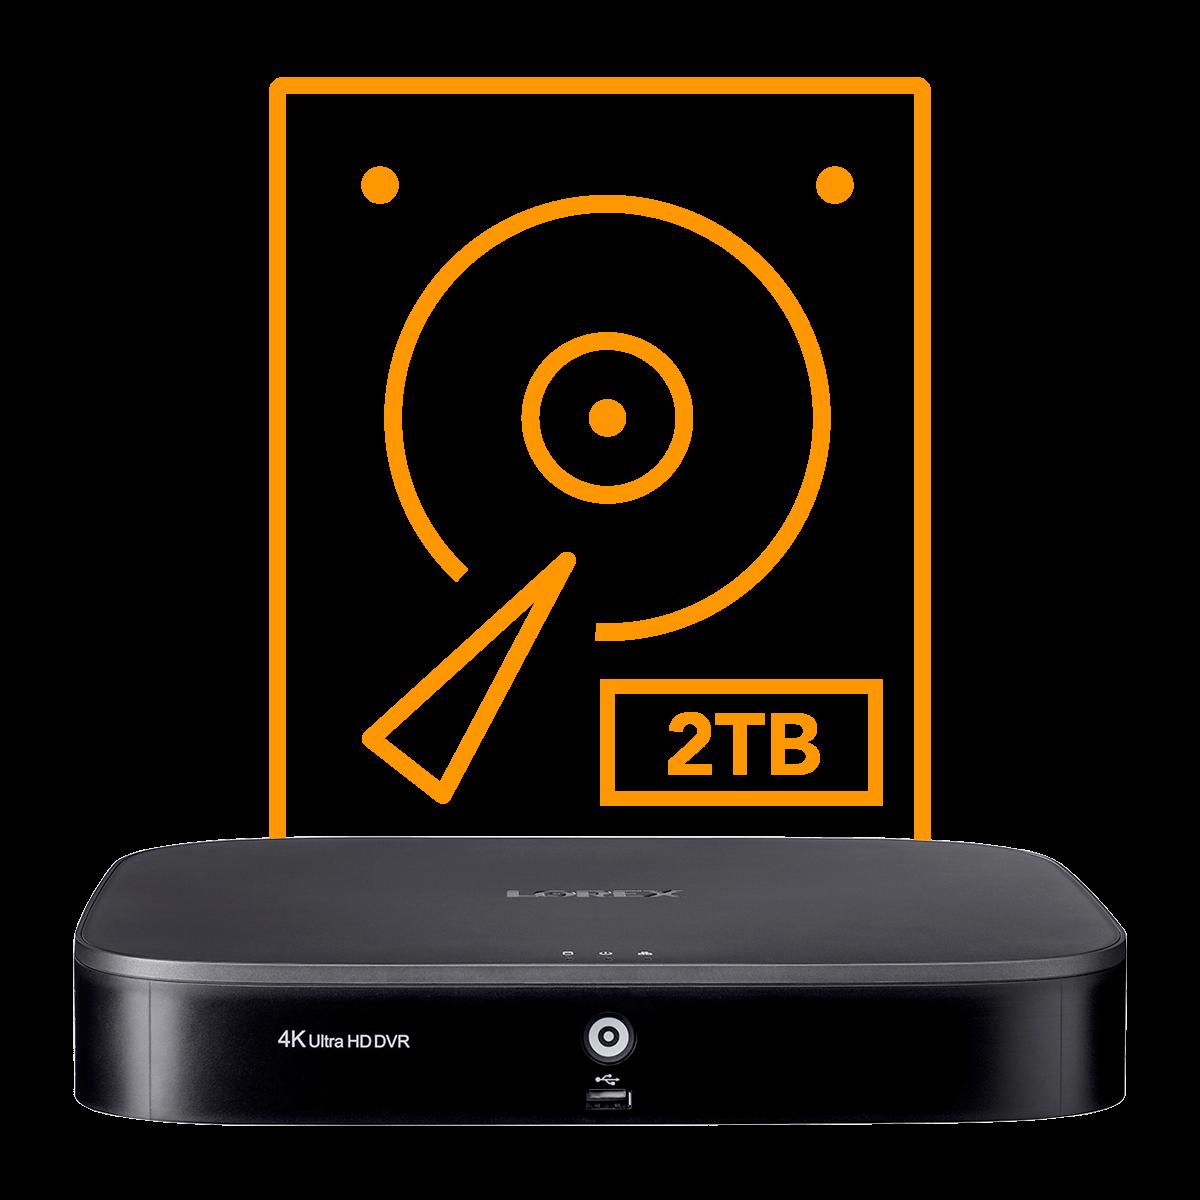 D841b hard drive DVR